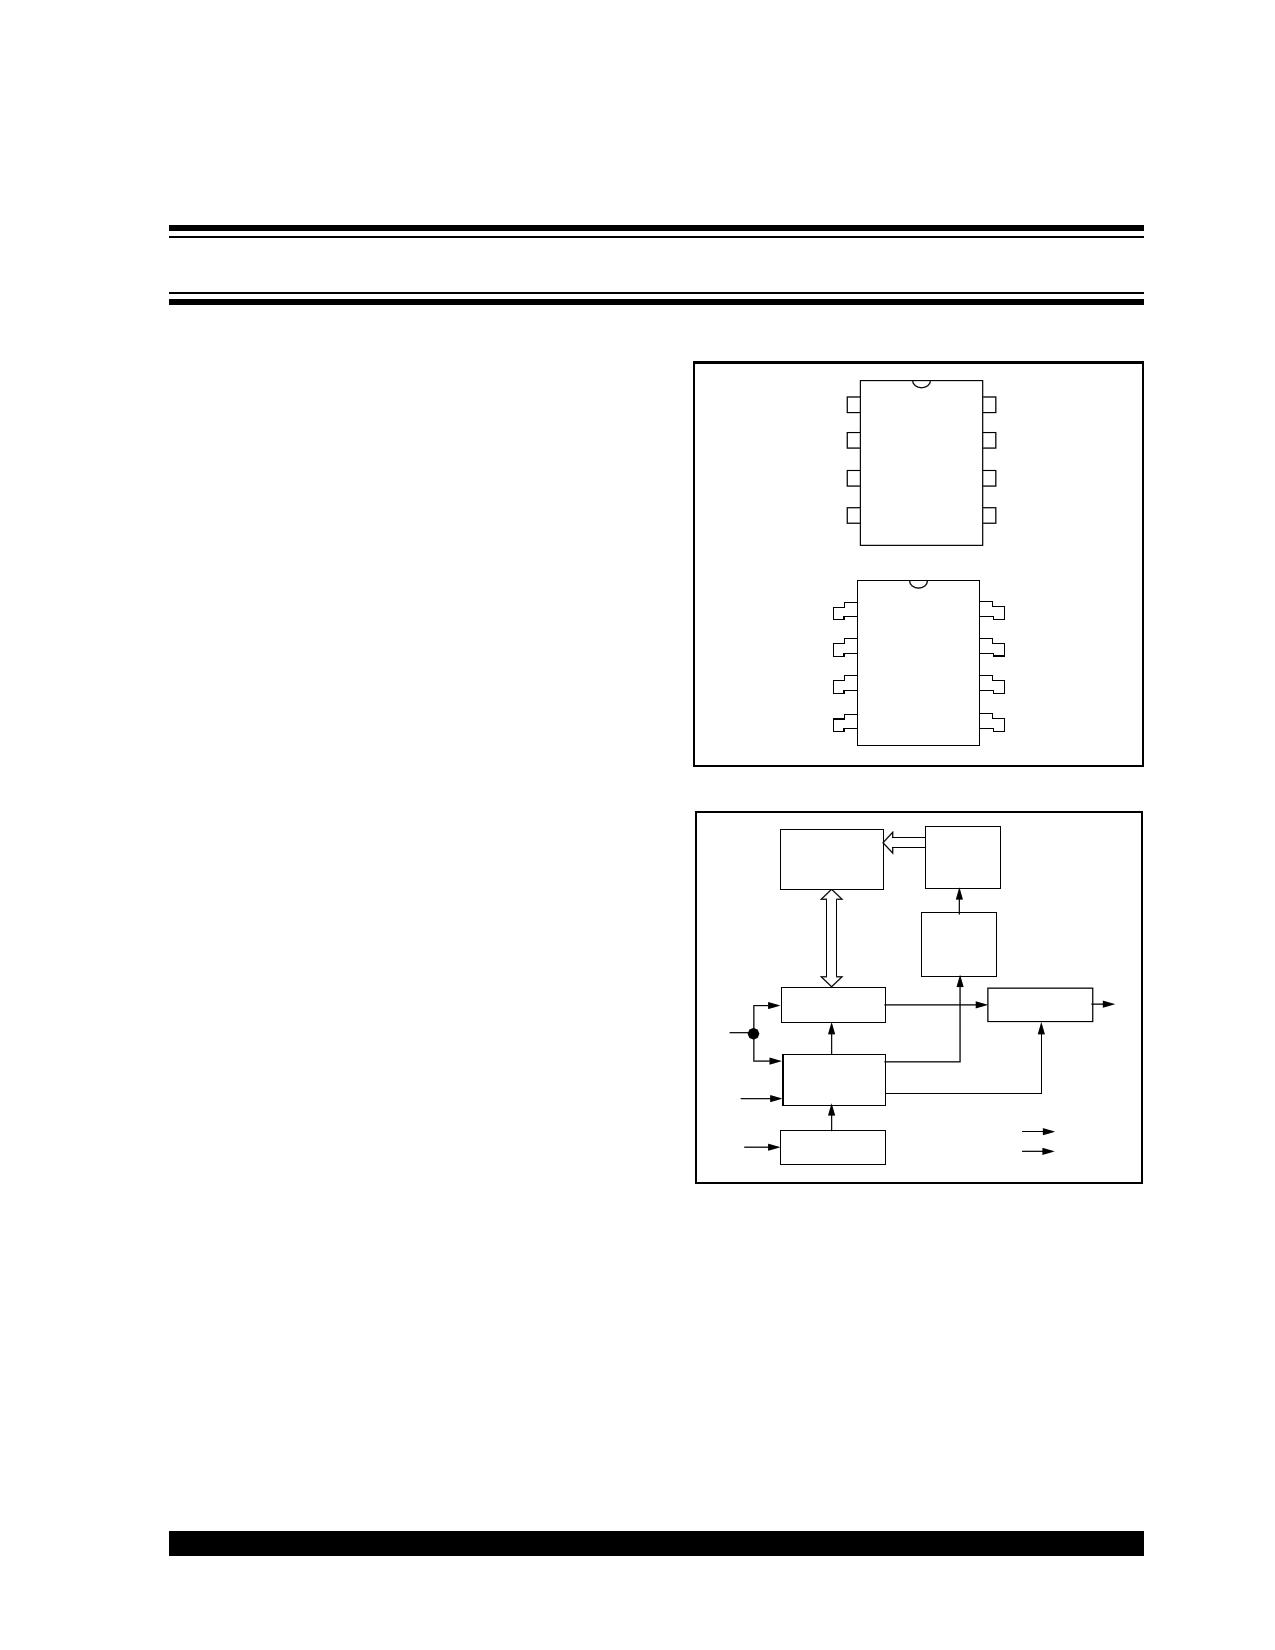 93c56 datasheet pdf   pinout